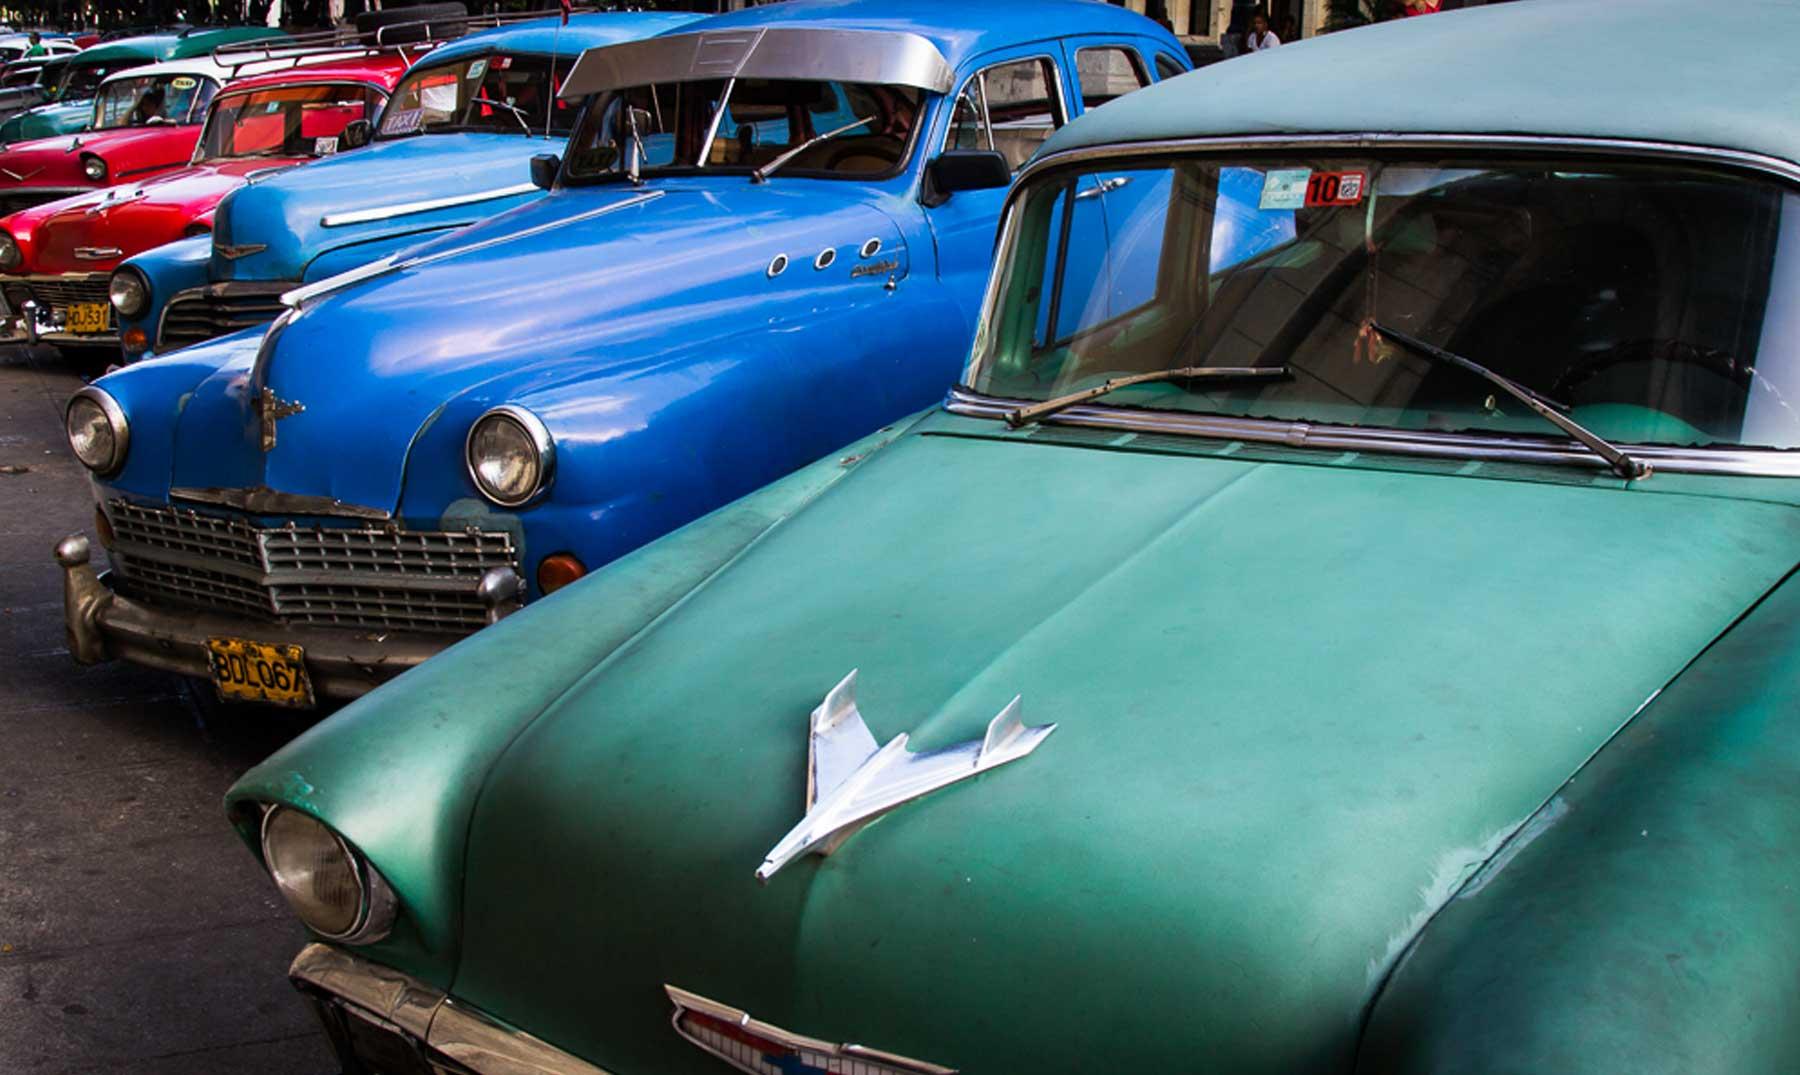 ¿Hay relación entre los colores de los vehículos y los accidentes?